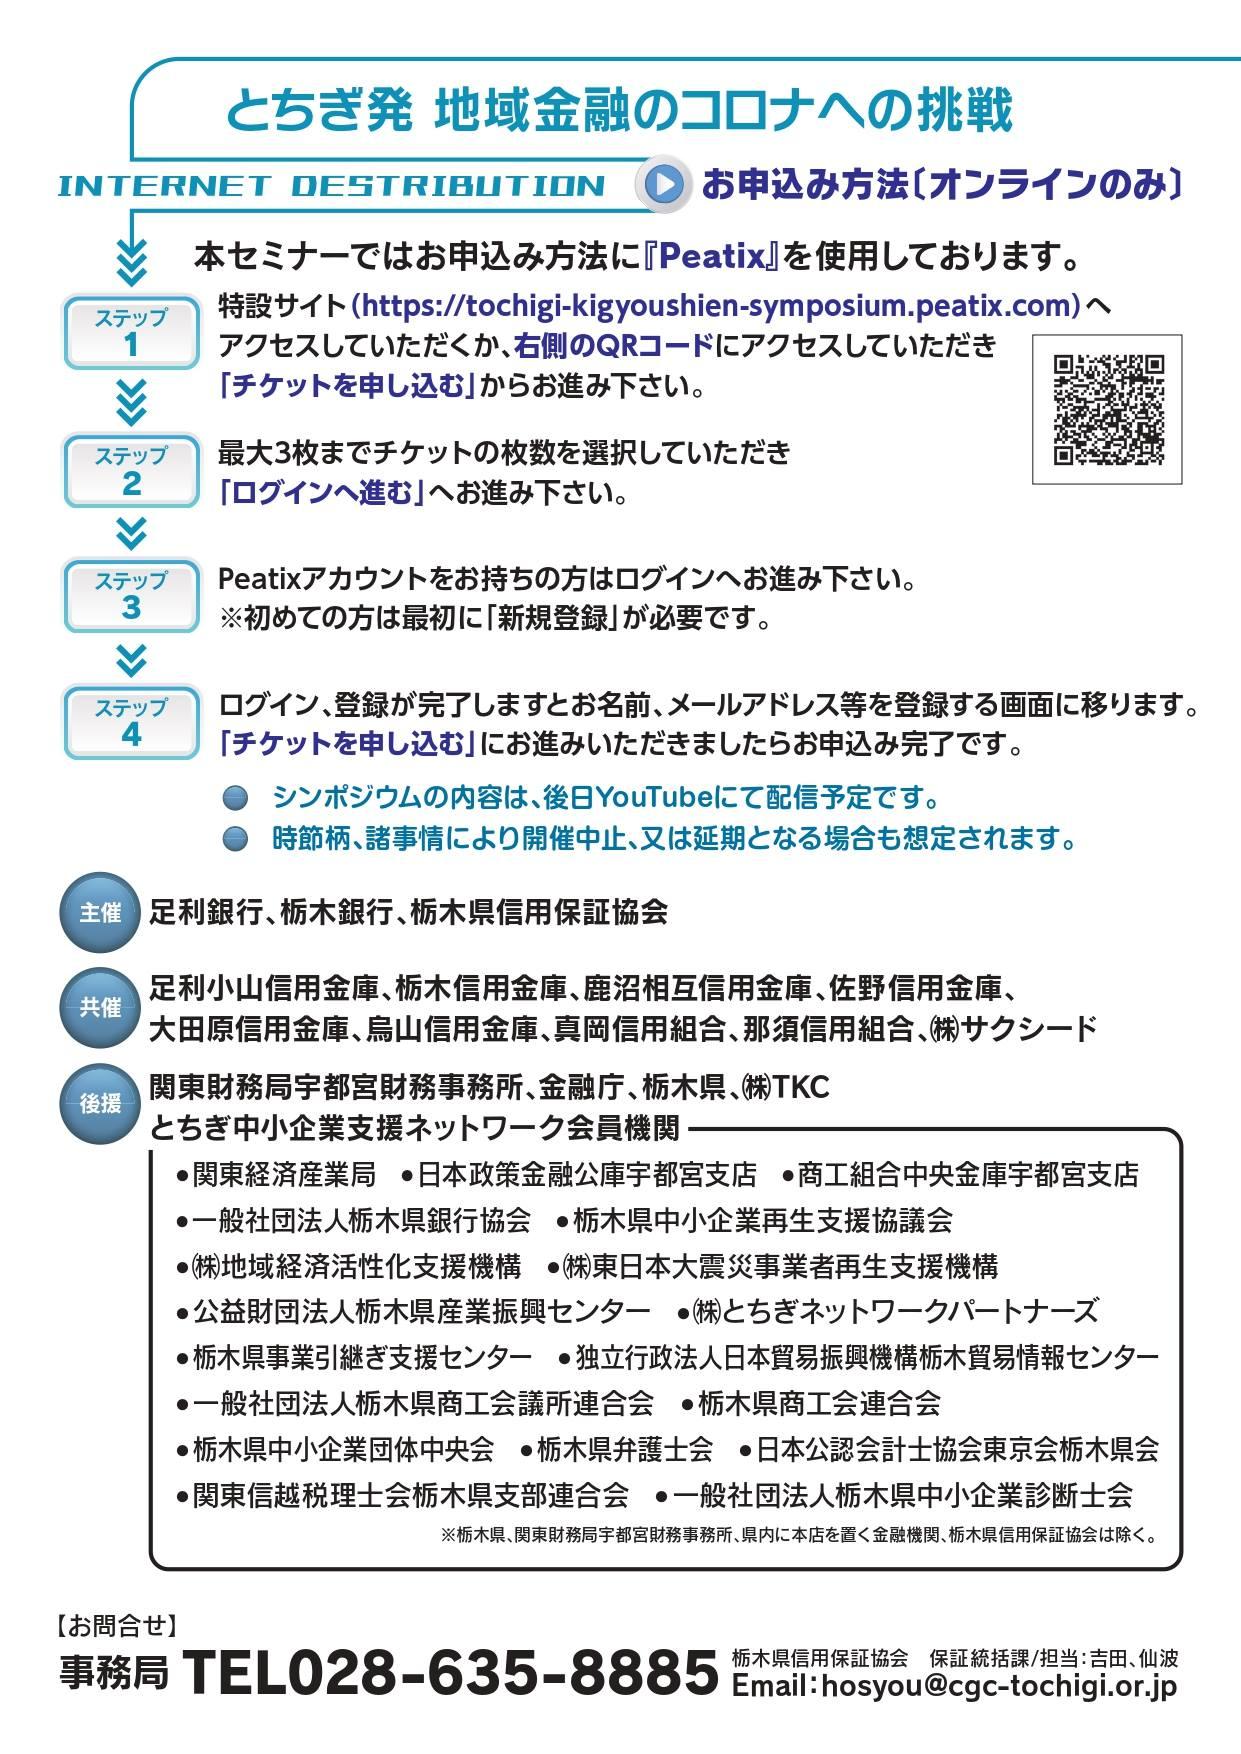 県 コロナ 栃木 緊急事態追加1週間の栃木県 依然ステージ4も、10万人当たり感染25人に減少 県内主要,社会,政治行政 下野新聞「SOON」ニュース 新型肺炎